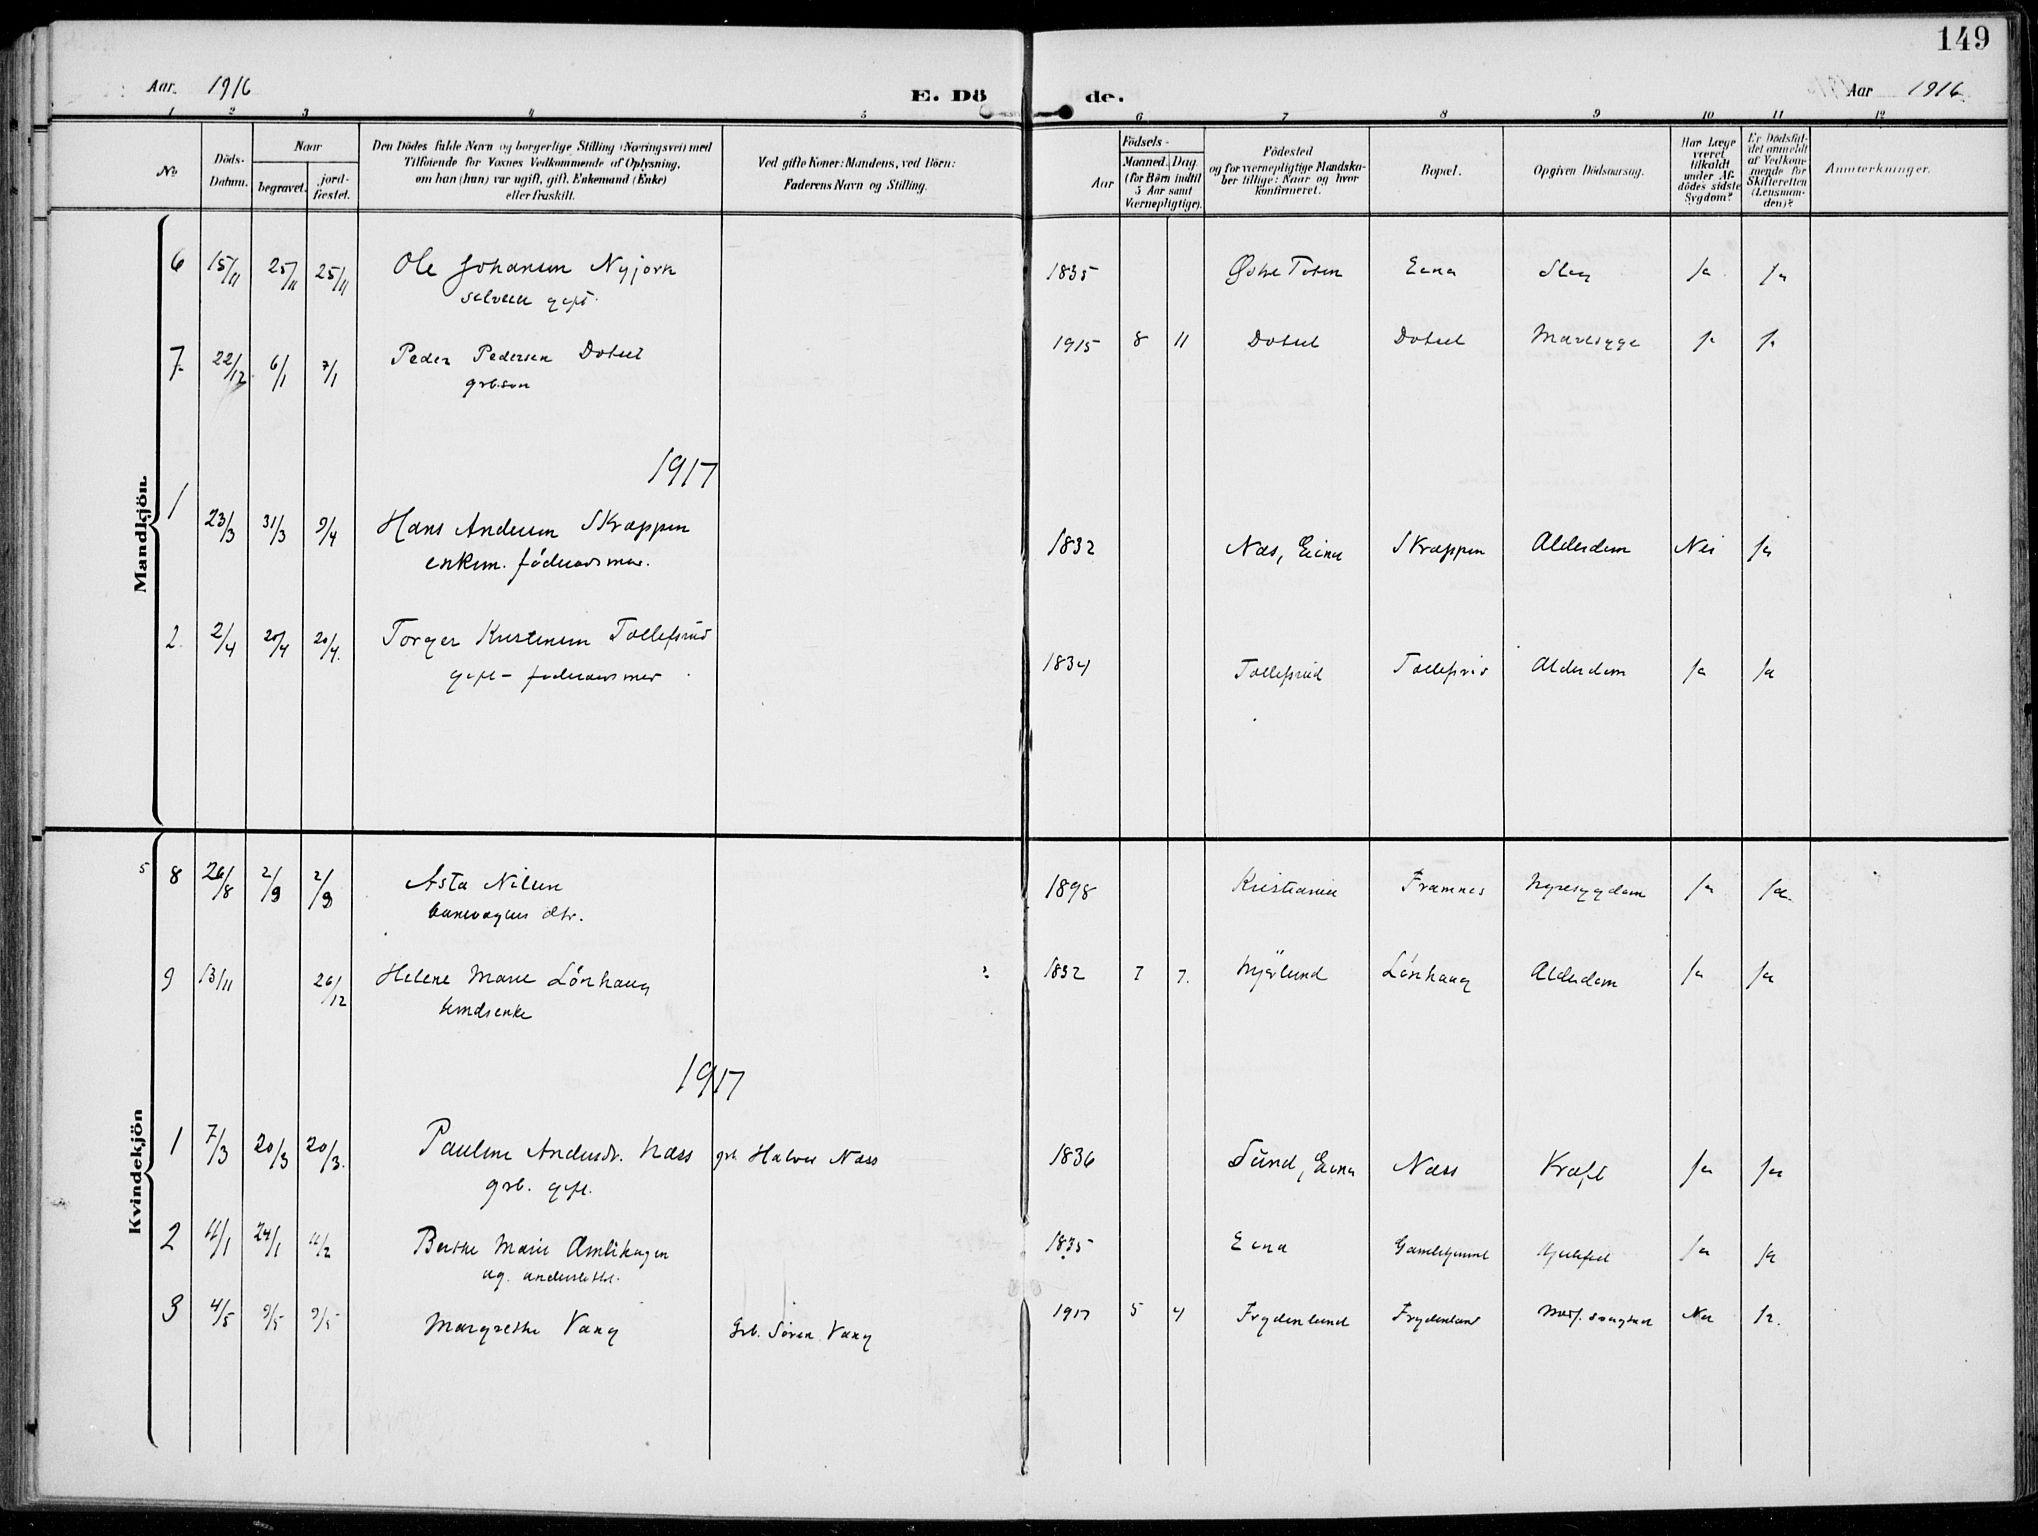 SAH, Kolbu prestekontor, Ministerialbok nr. 1, 1907-1923, s. 149